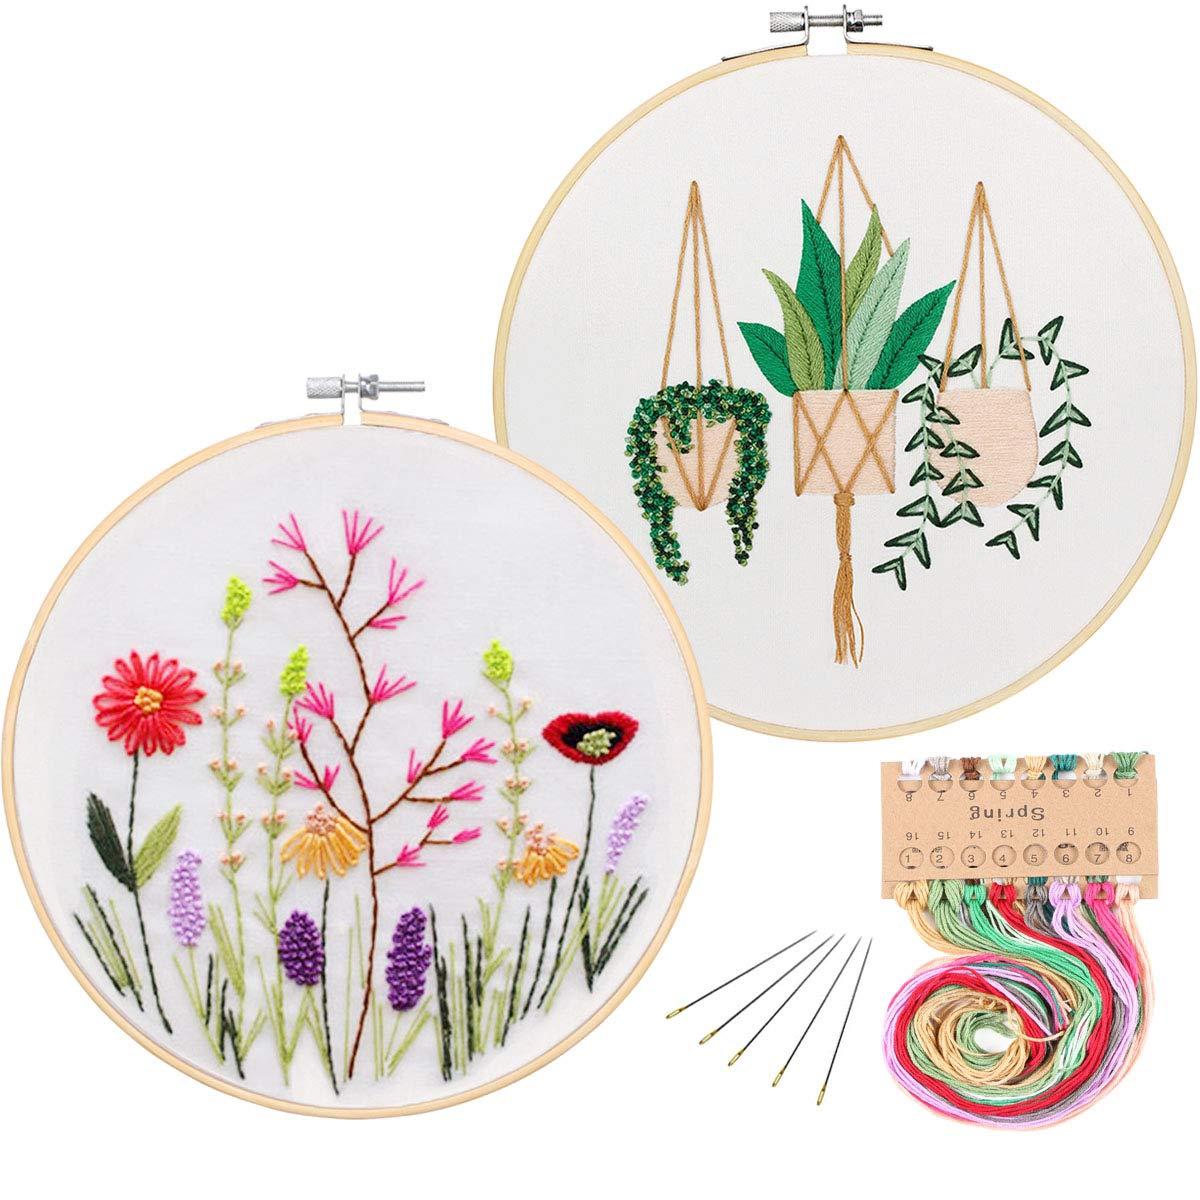 Embroidery Starter Pattern Kissbuty Including